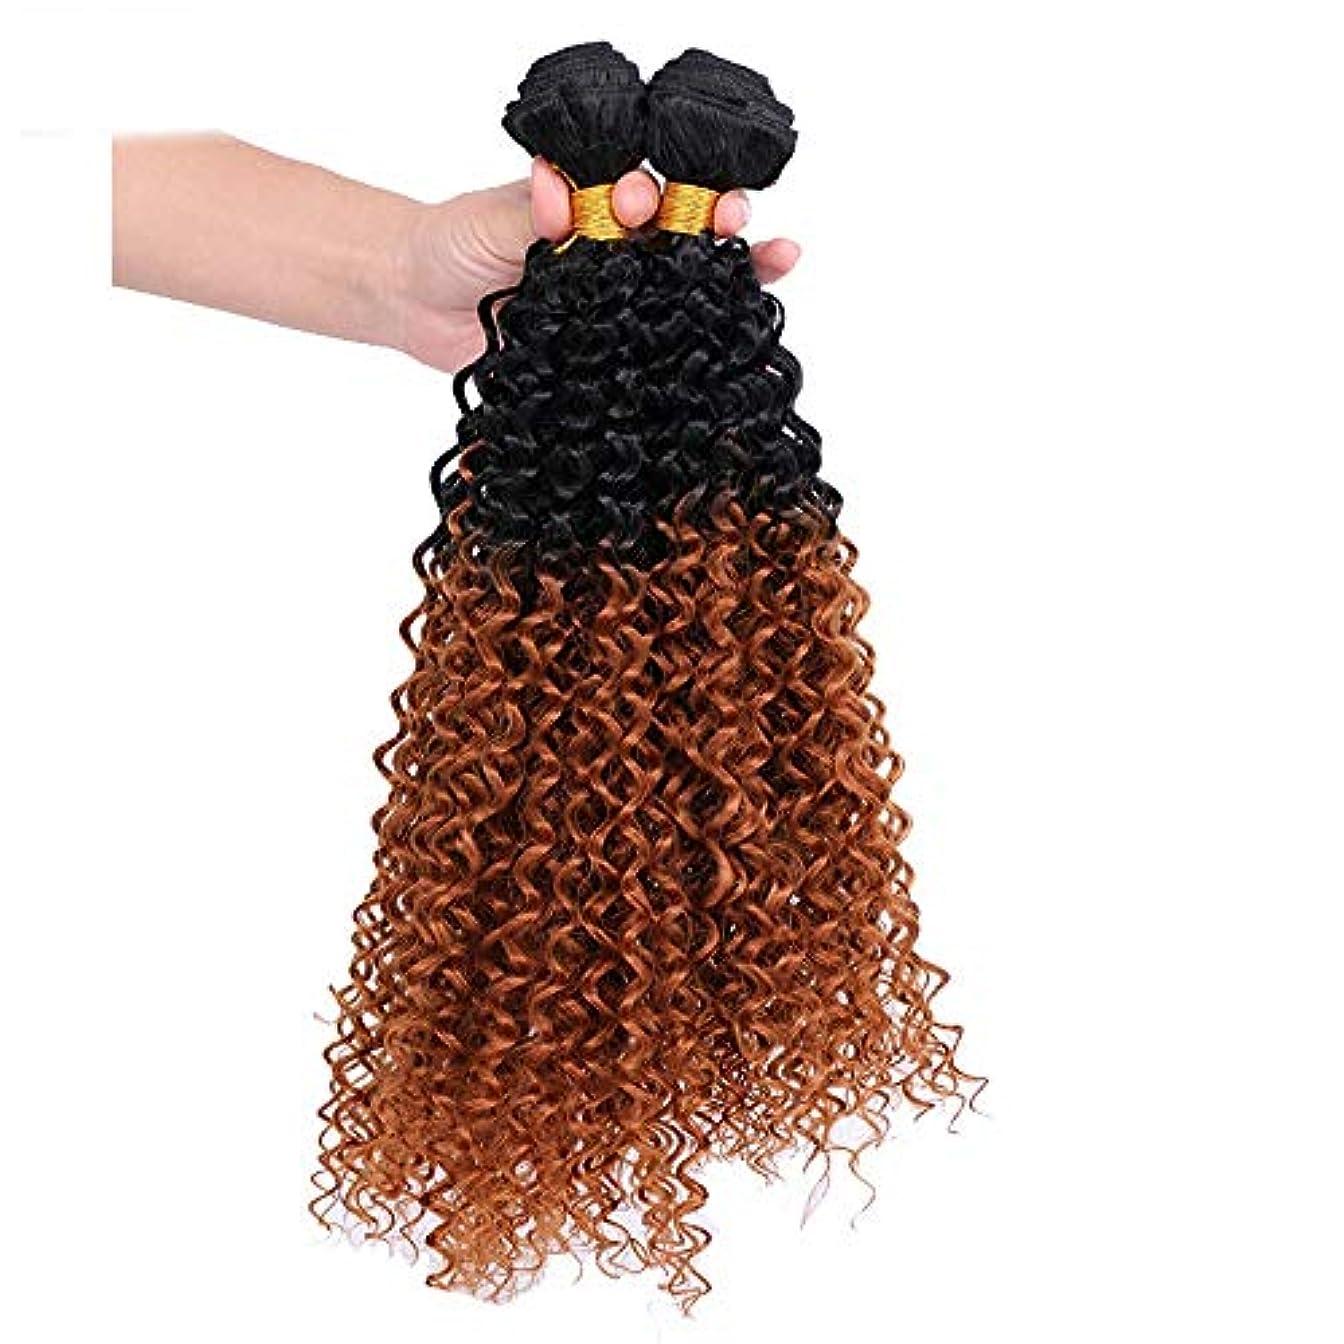 ペンフレンド宗教的な空いているYESONEEP 茶色のグラデーション巻き毛の女性のためのコスプレパーティードレス(3バンドル)合成髪レースかつらロールプレイングかつらロングとショートの女性自然 (色 : ブラウン, サイズ : 22inch)